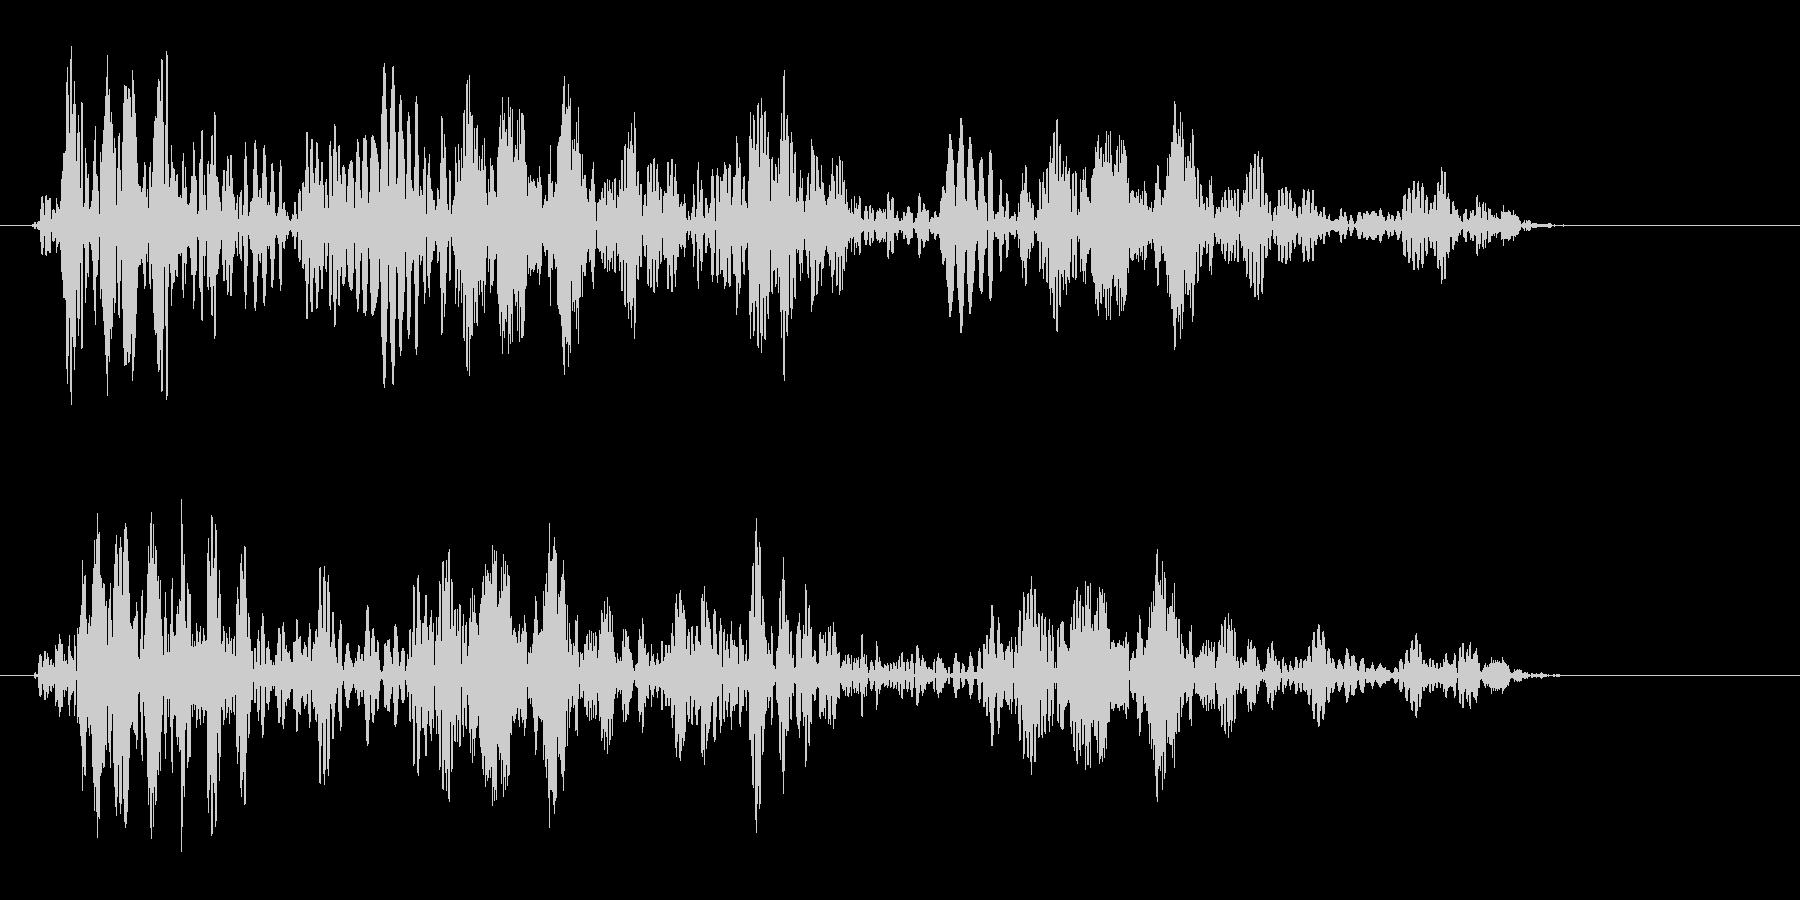 シュワンシュワン(ロープの音)の未再生の波形